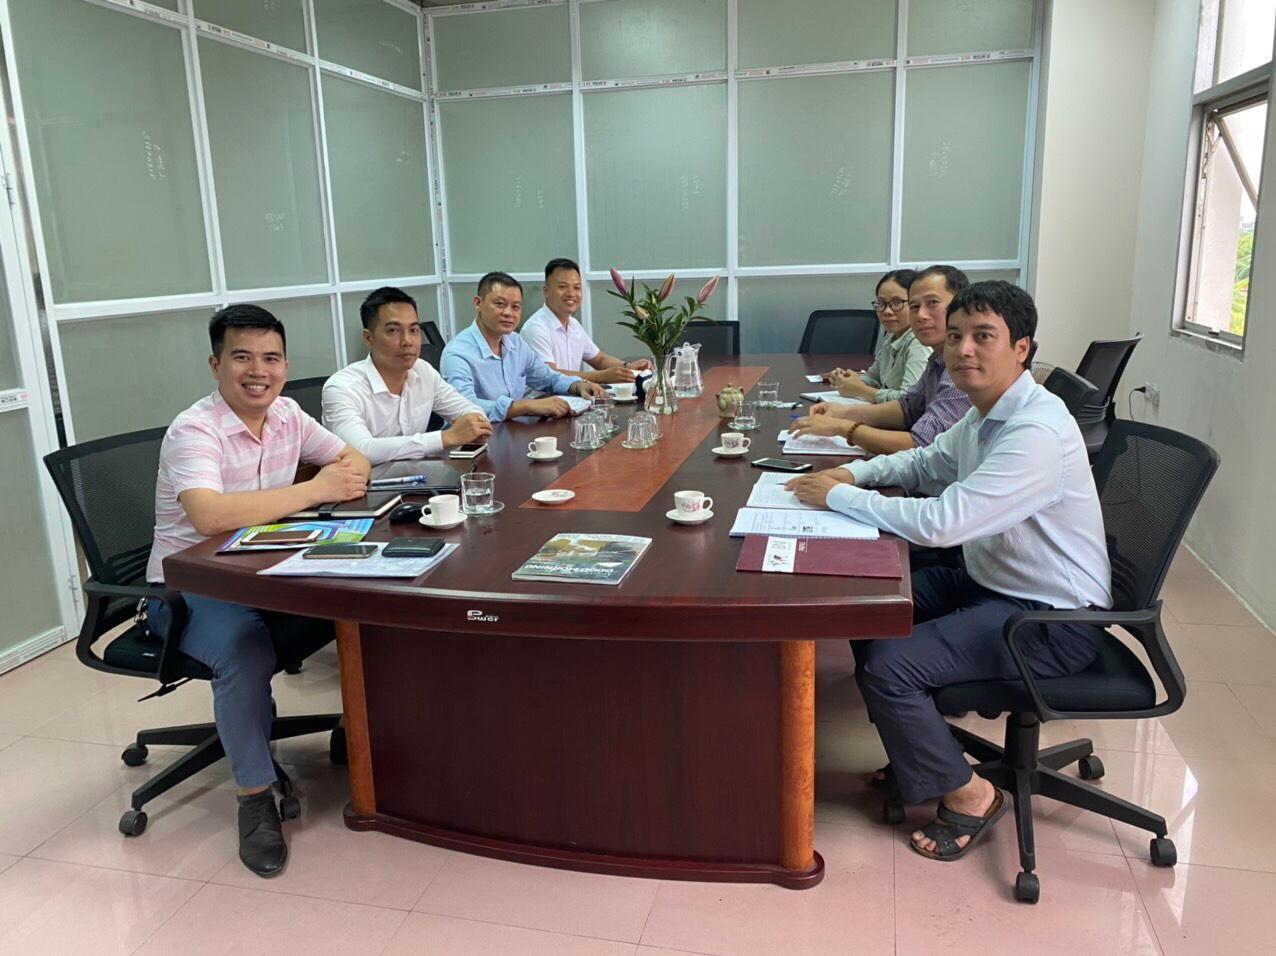 Nam Định: Kết nối doanh nghiệp thúc đẩy hoạt động sàn giao dịch công nghệ thiết bị, tăng cường thu hút doanh nghiệp đầu tư